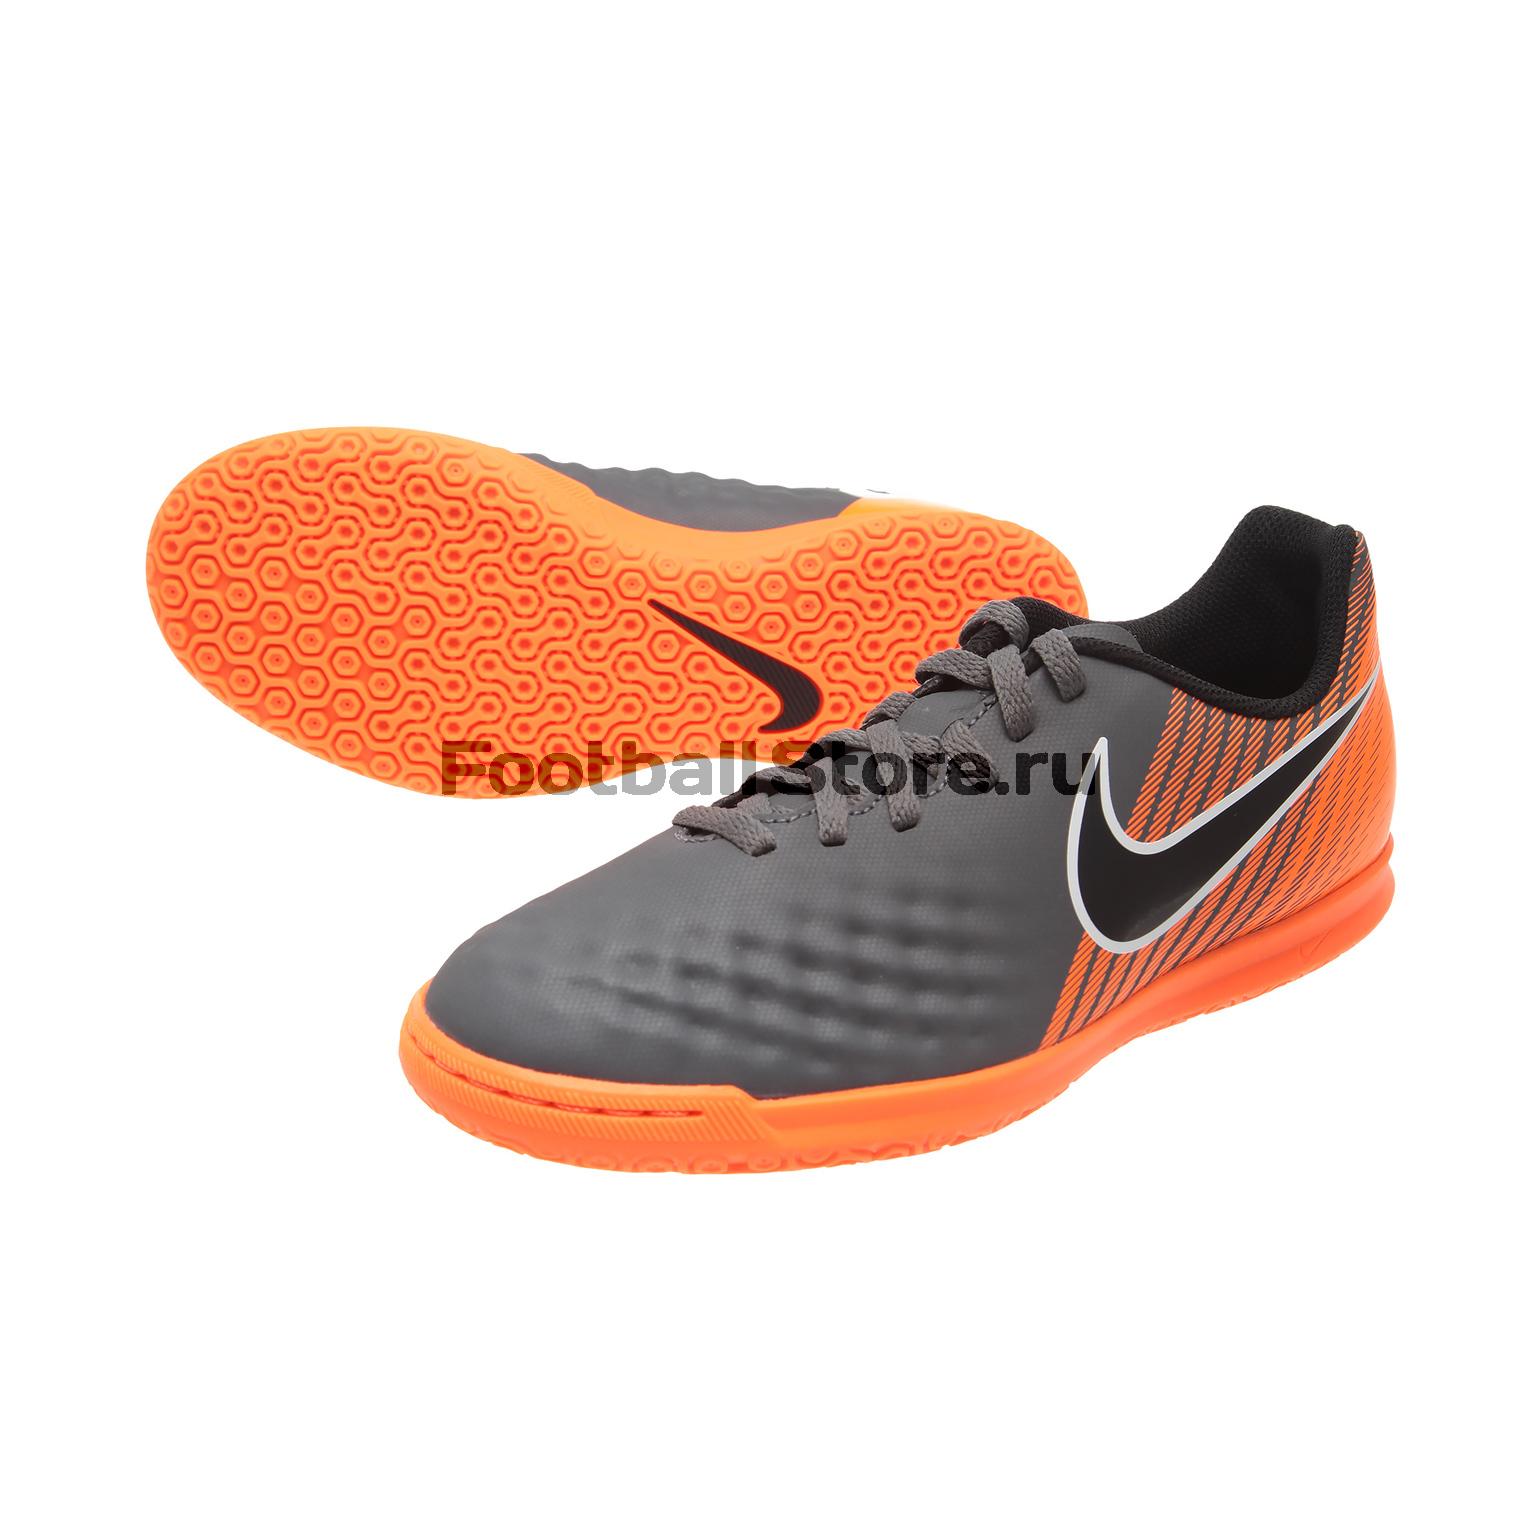 Обувь для зала Nike JR ObraX 2 Club IC AH7316-080 детские бутсы nike бутсы nike jr phantom 3 elite df fg ah7292 081